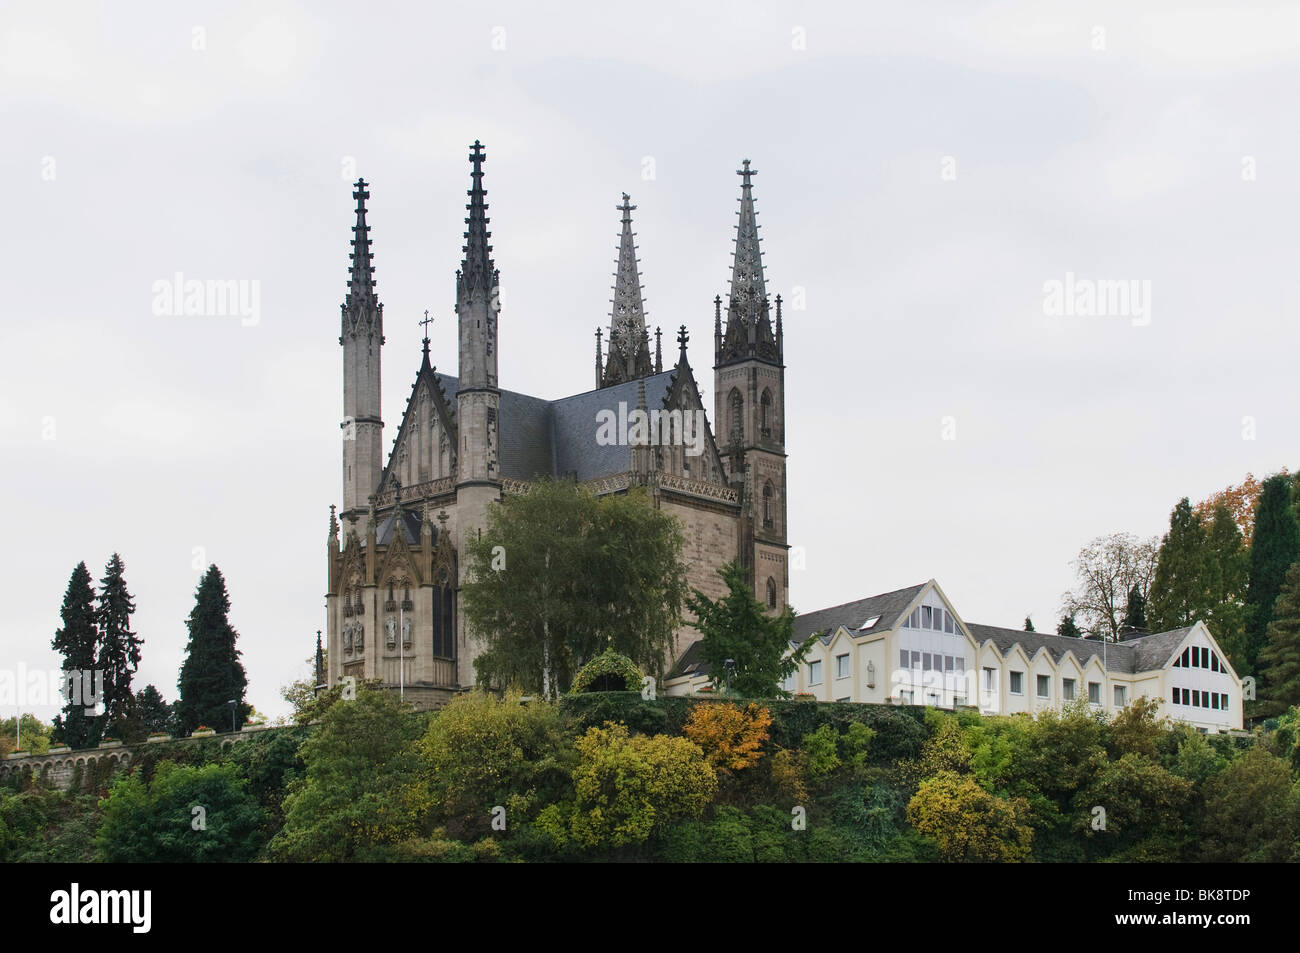 Chiesa del pellegrinaggio di San Apollinare con edifici agricoli, Remagen, Renania-Palatinato, Germania, Europa Immagini Stock